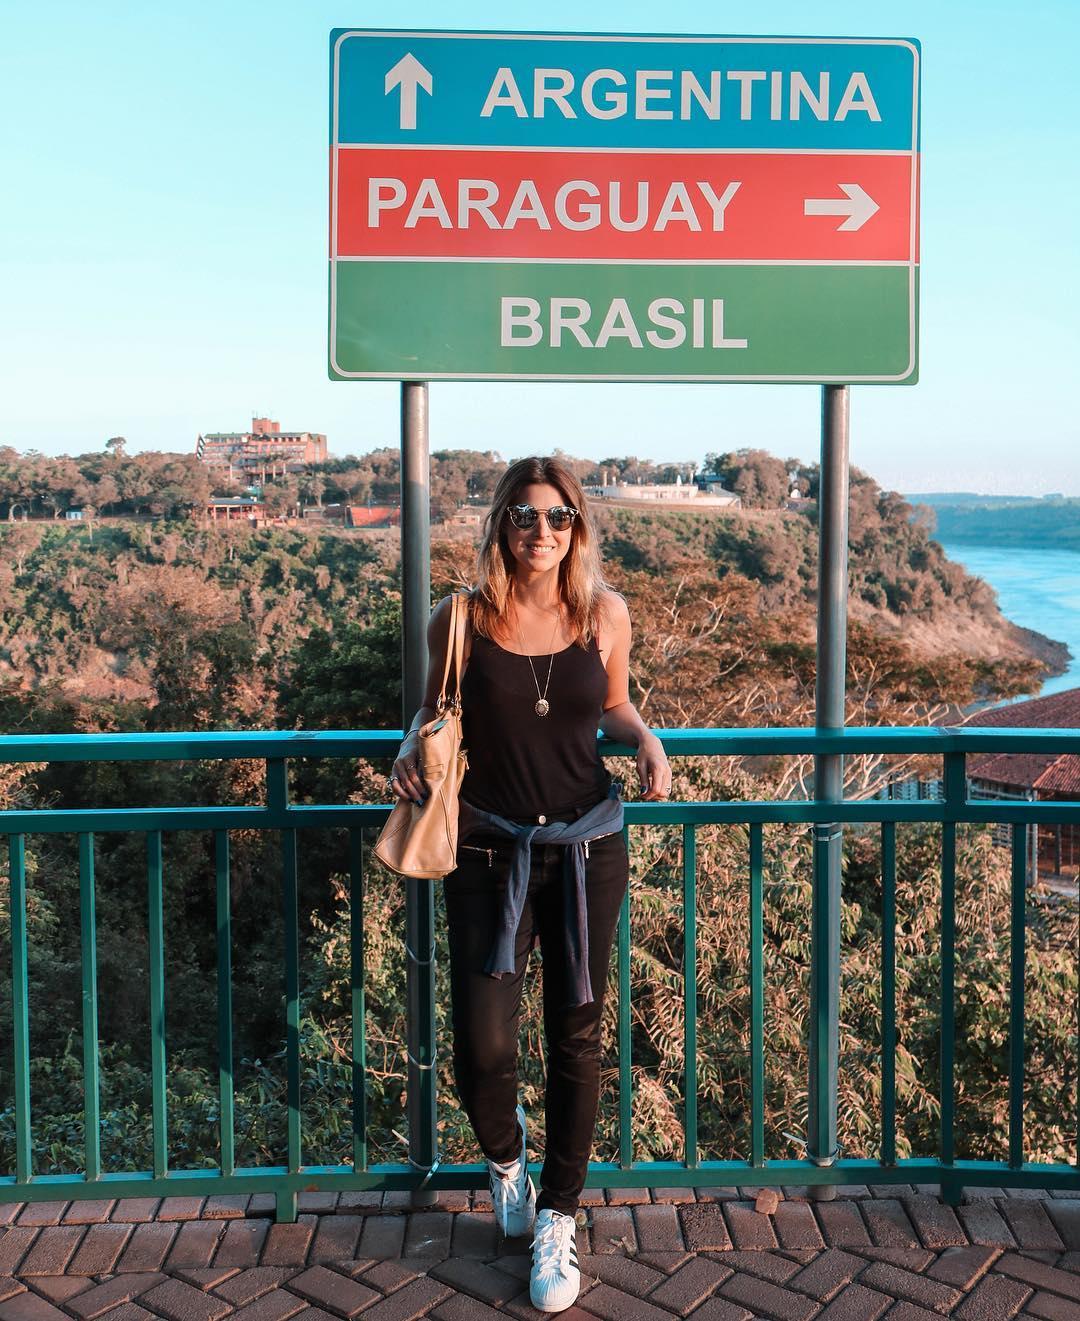 Marco das 3 Fronteiras - Foz do Iguaçu • Um dos principais símbolos da região foi inaugurado em 20 de julho de 1903 e estabelece a soberania e o limite territorial do Brasil com a Argentina e Paraguai. . . #leblog #fozdoiguacu #turismoemfoz #brasil #cataratas #travelblogger